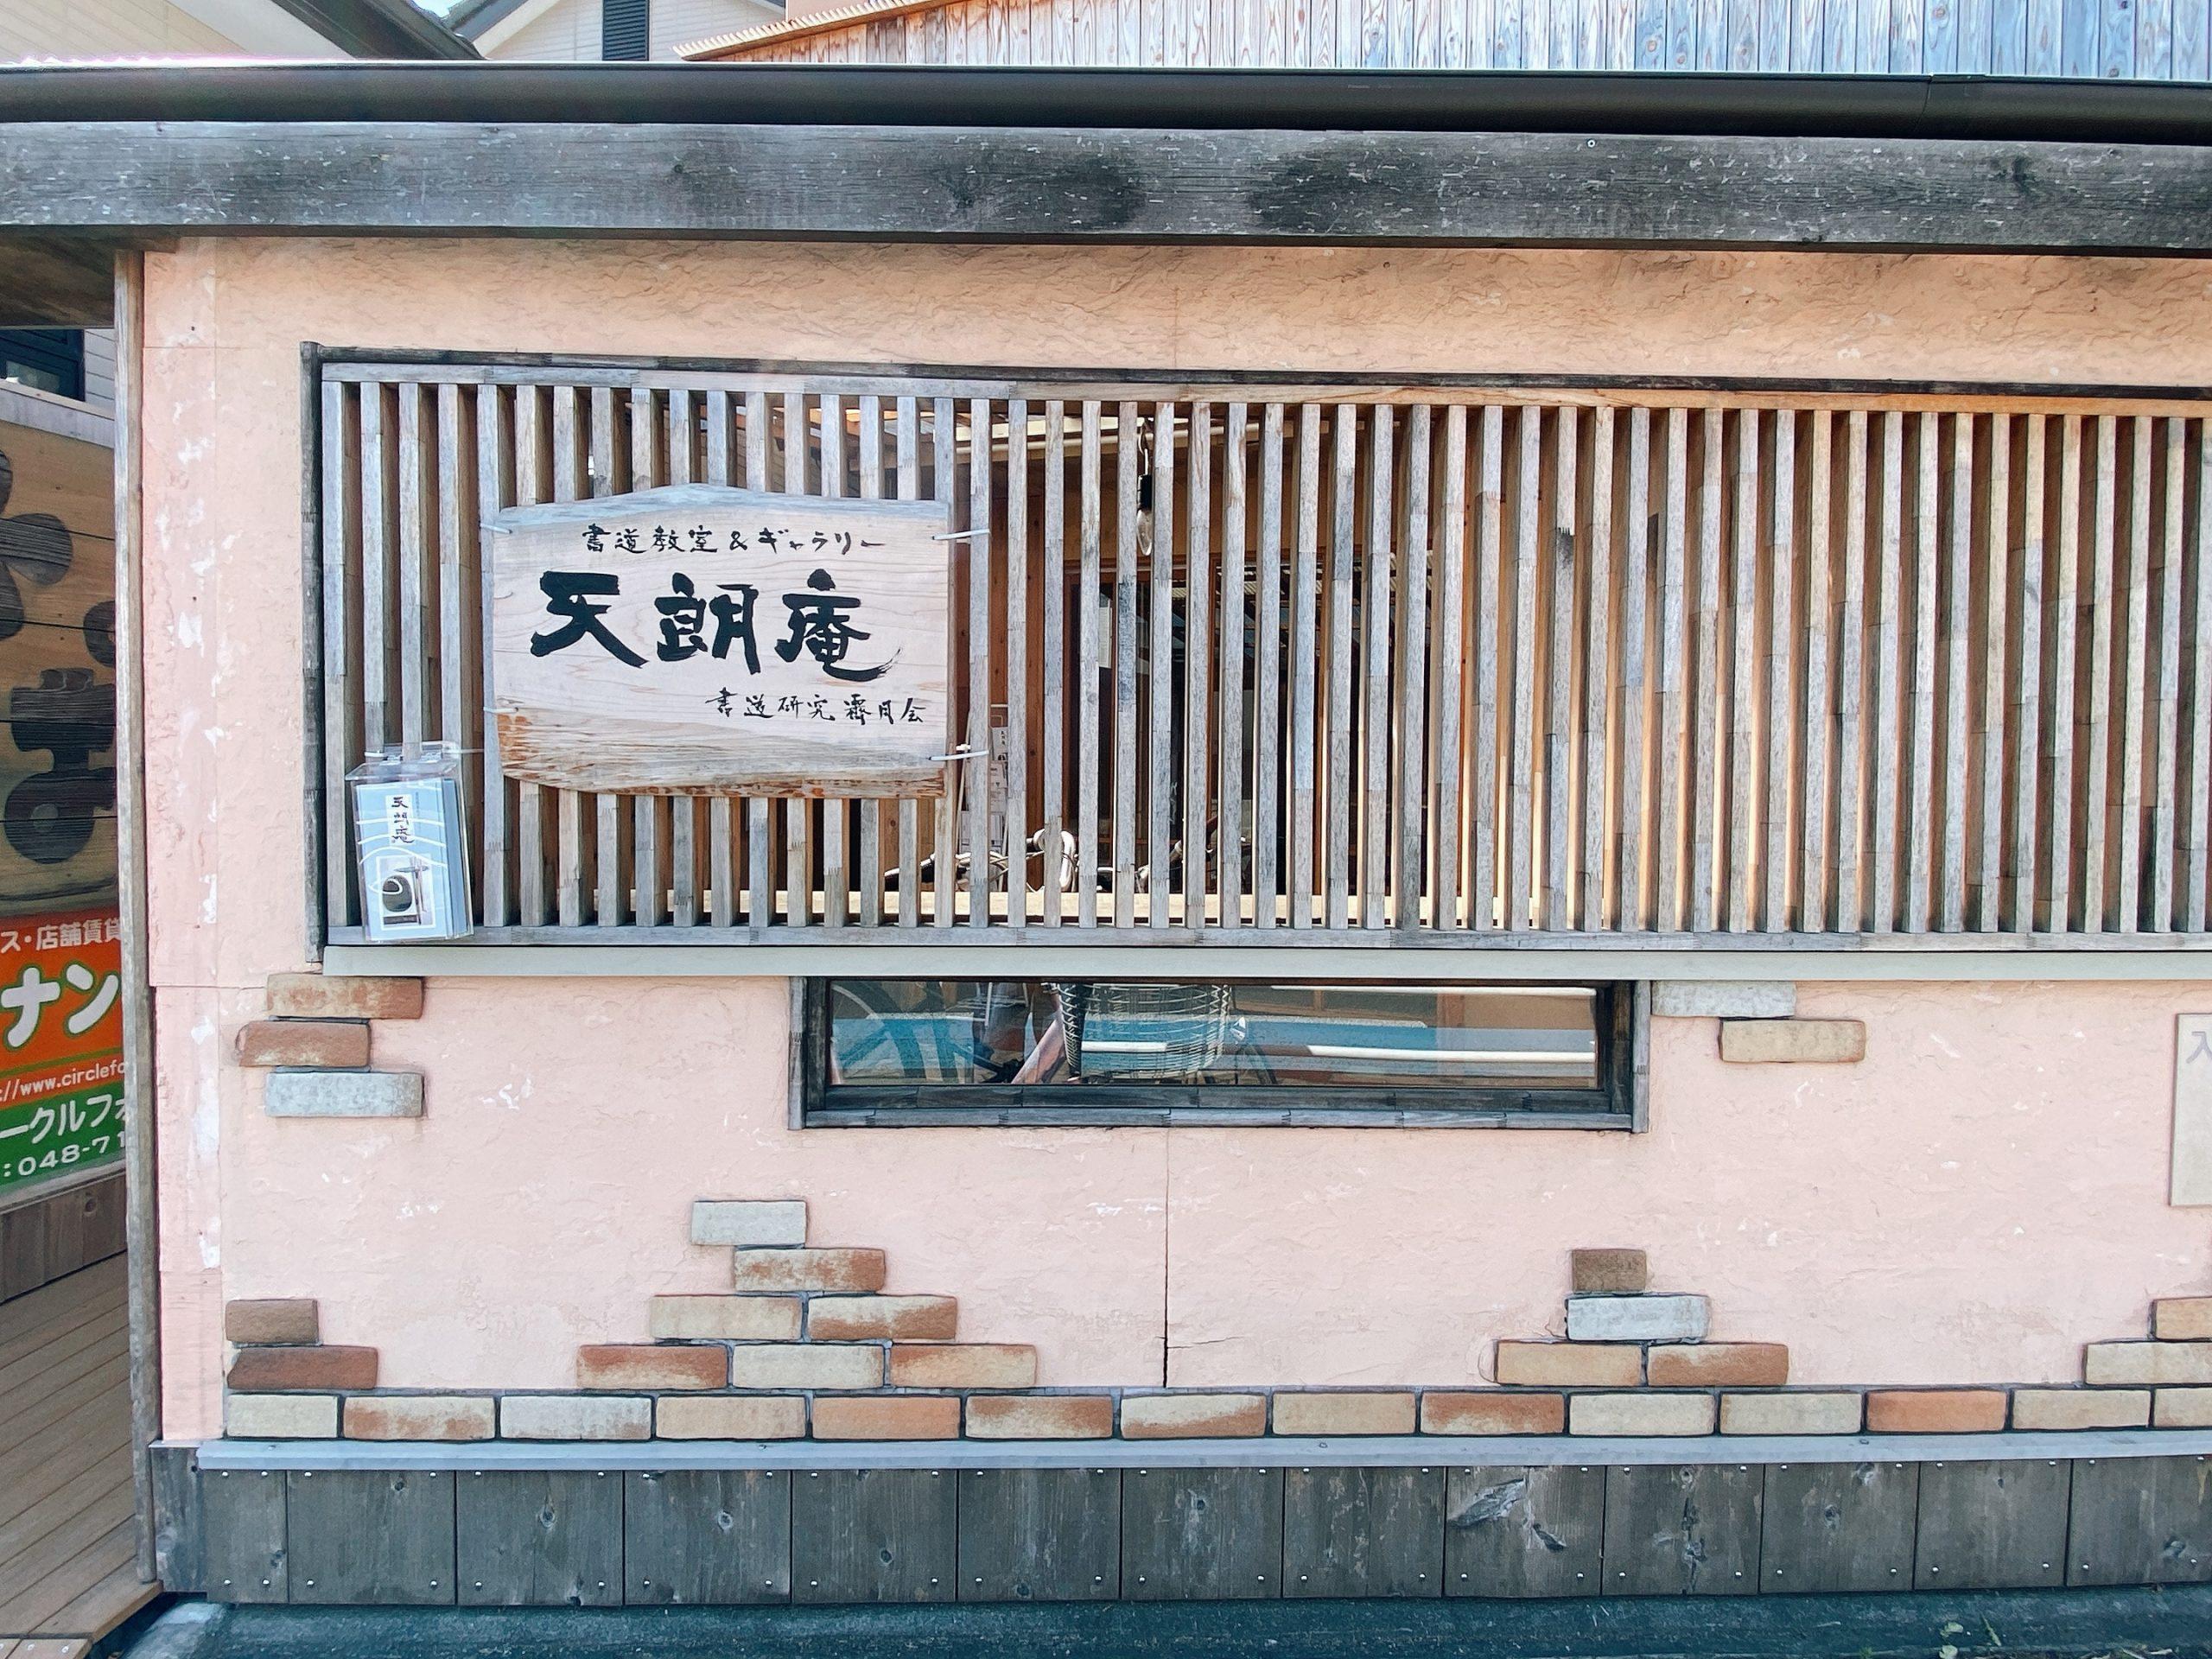 南区別所 天朗庵(てんろうあん) 書道教室